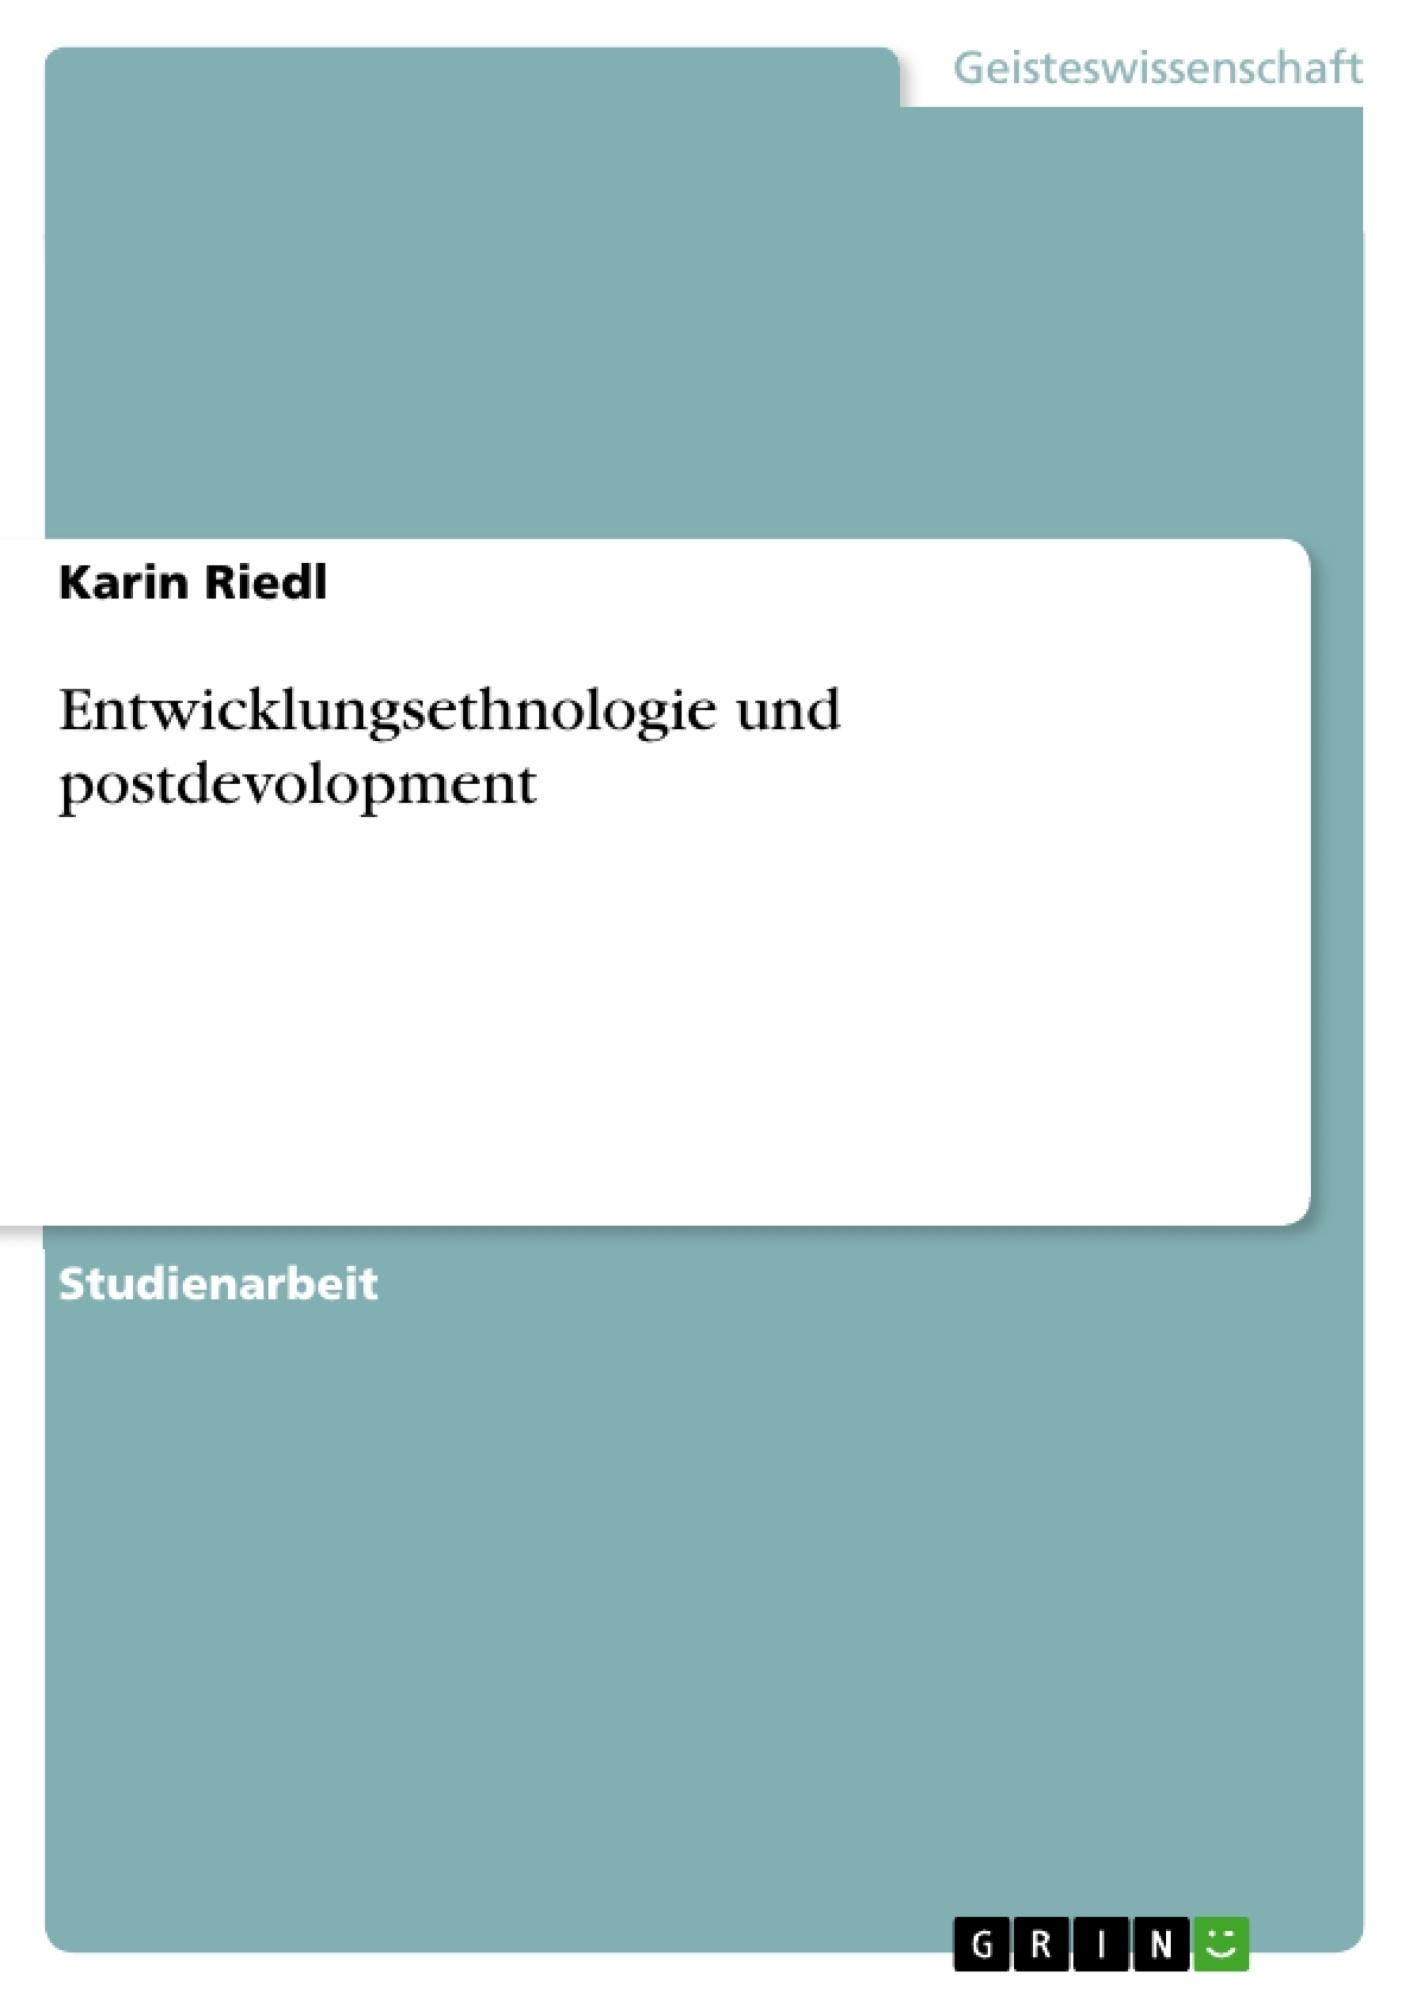 Titel: Entwicklungsethnologie und postdevolopment